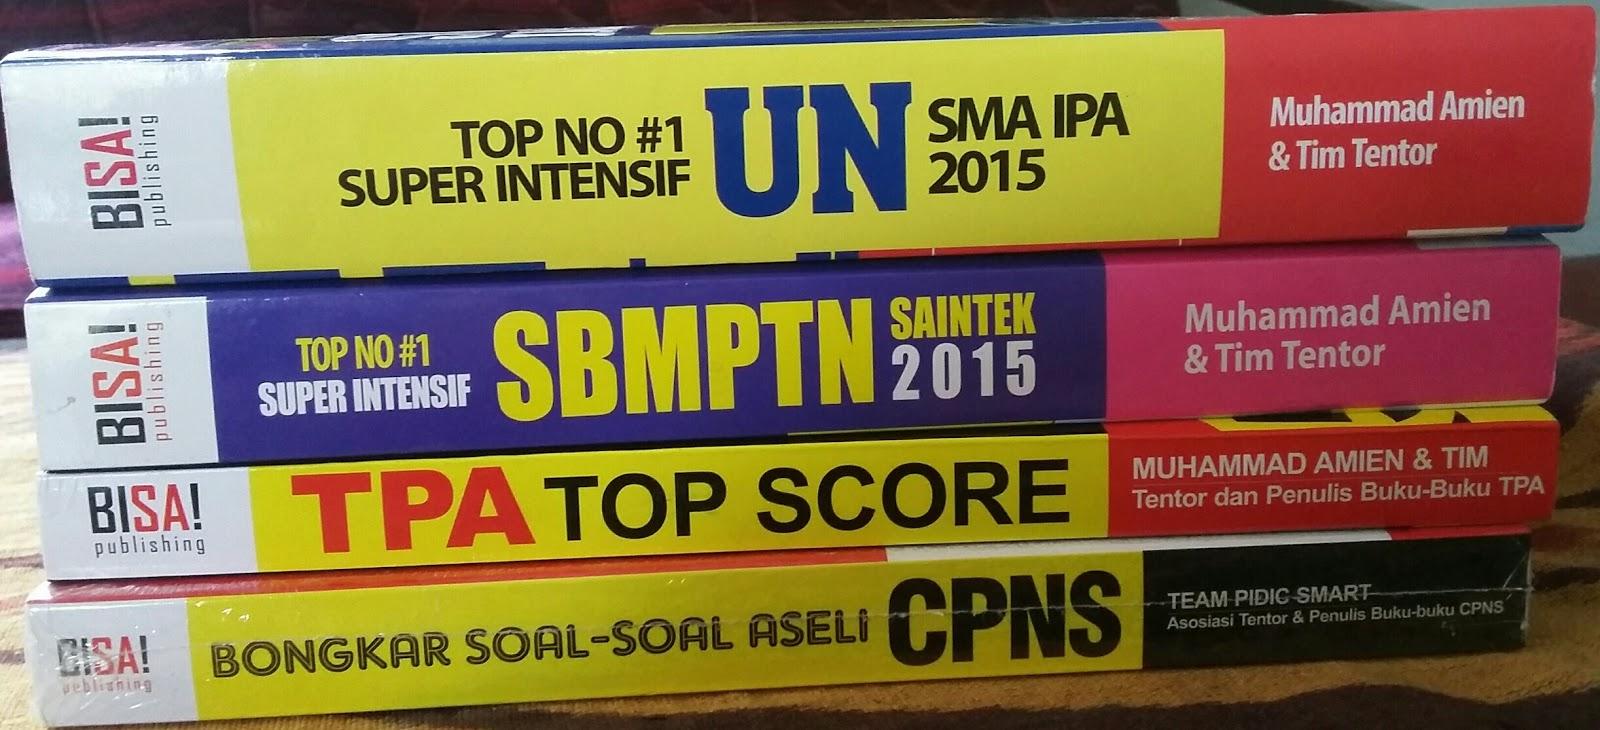 Buku Kumpulan Soal Cpns Dan Un Sma Terbaik Tahun 2015 Dimadiun